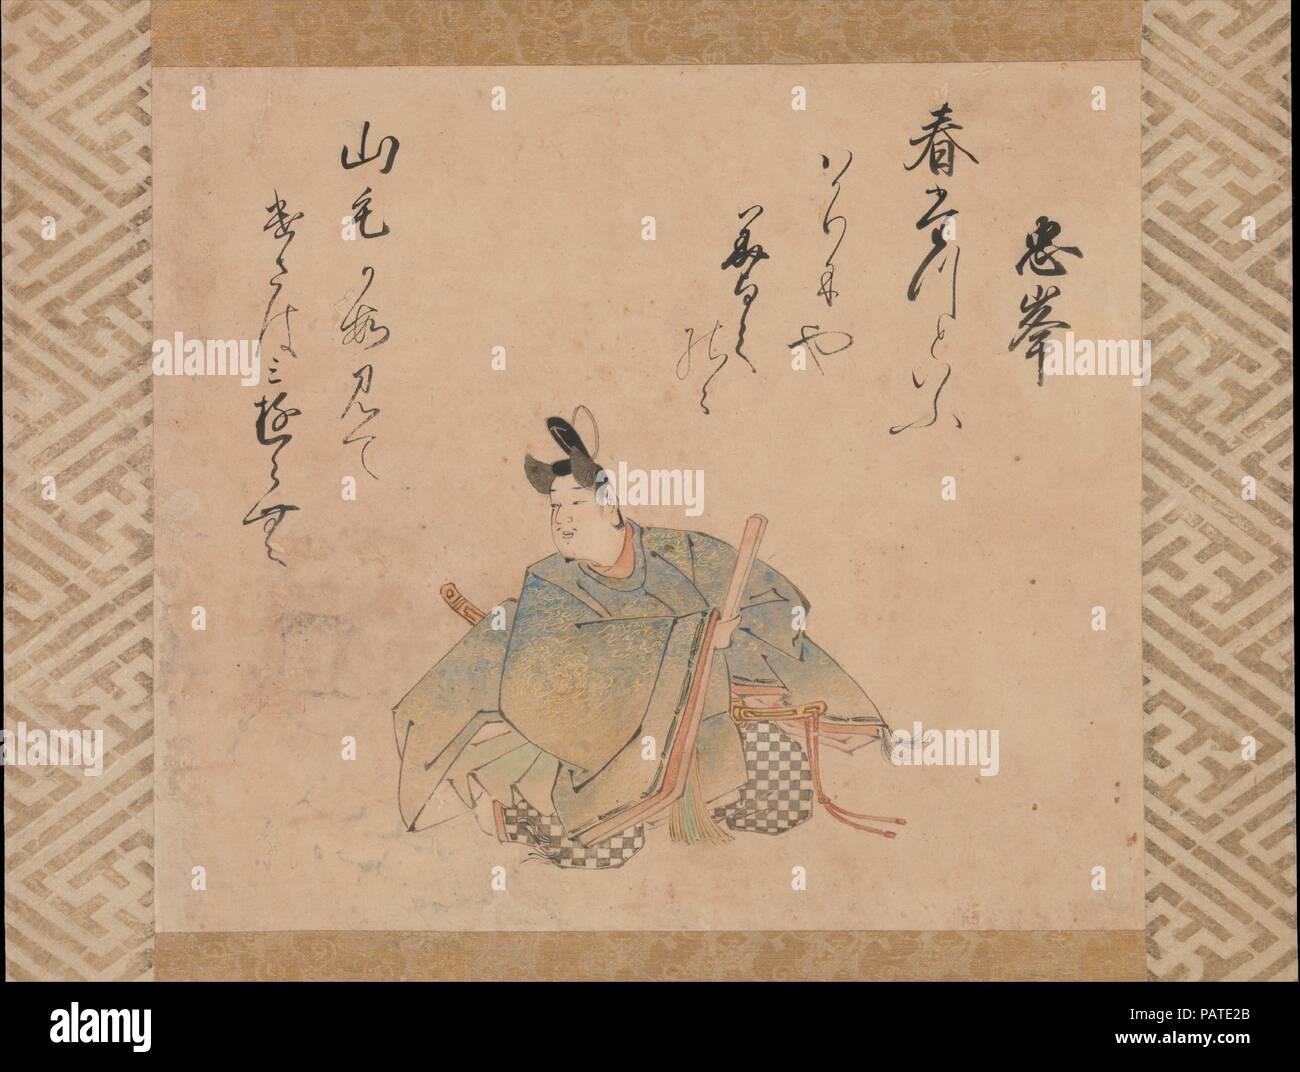 """Le poète pas Tadamine Mibu, à partir d'un ensemble de feuilles d'album illustrant la trente-six grands poètes poétique. Artiste: Iwasa Matabei (japonais, 1578-1650). Culture: le Japon. Dimensions: Image: 11 1/4 x 12 3/4 in. (28,6 × 32,4 cm); dans l'ensemble avec support de montage: 47 3/4 x 16 5/8 in. (121,3 × 42,2 cm); dans l'ensemble avec les boutons: 47 3/4 × 18 3/4 in. (121,3 × 47,6 cm). Date: début du 17e siècle. Pour l'élite japonaise, la poésie était la quintessence de l'expérience littéraire. Idéalisé et profondément admiré, les poètes ont souvent été commémoré dans l'art du portrait. Au début du onzième siècle, Kinto Fujiwara (966-1041) a sélectionné trente-six """"immor Photo Stock"""